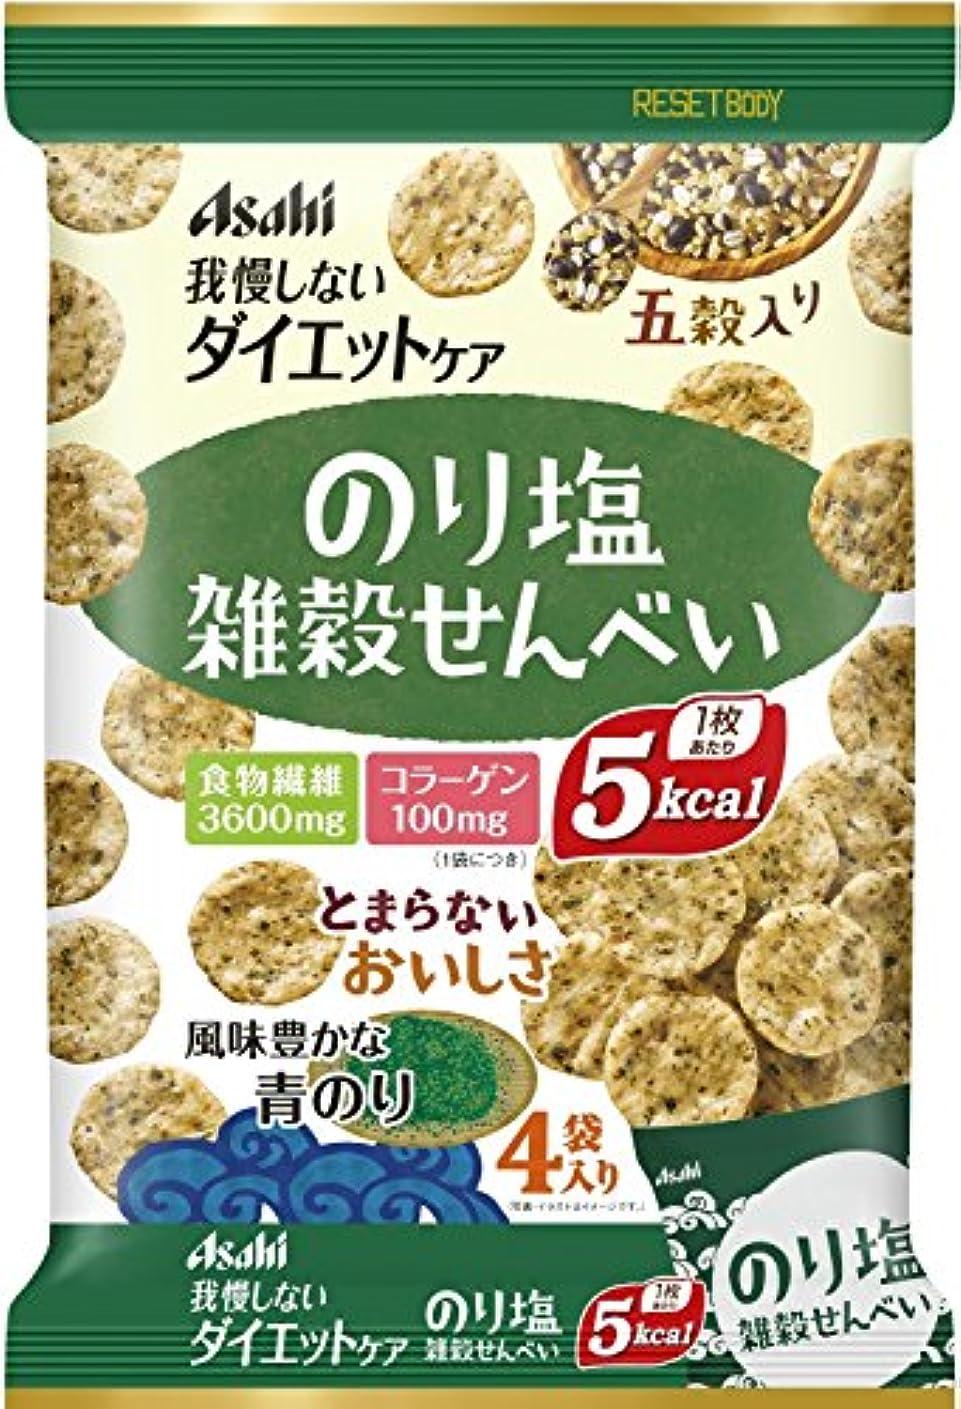 自動車地域のジャンルリセットボディ 雑穀せんべい のり塩味 88g(22g×4袋)